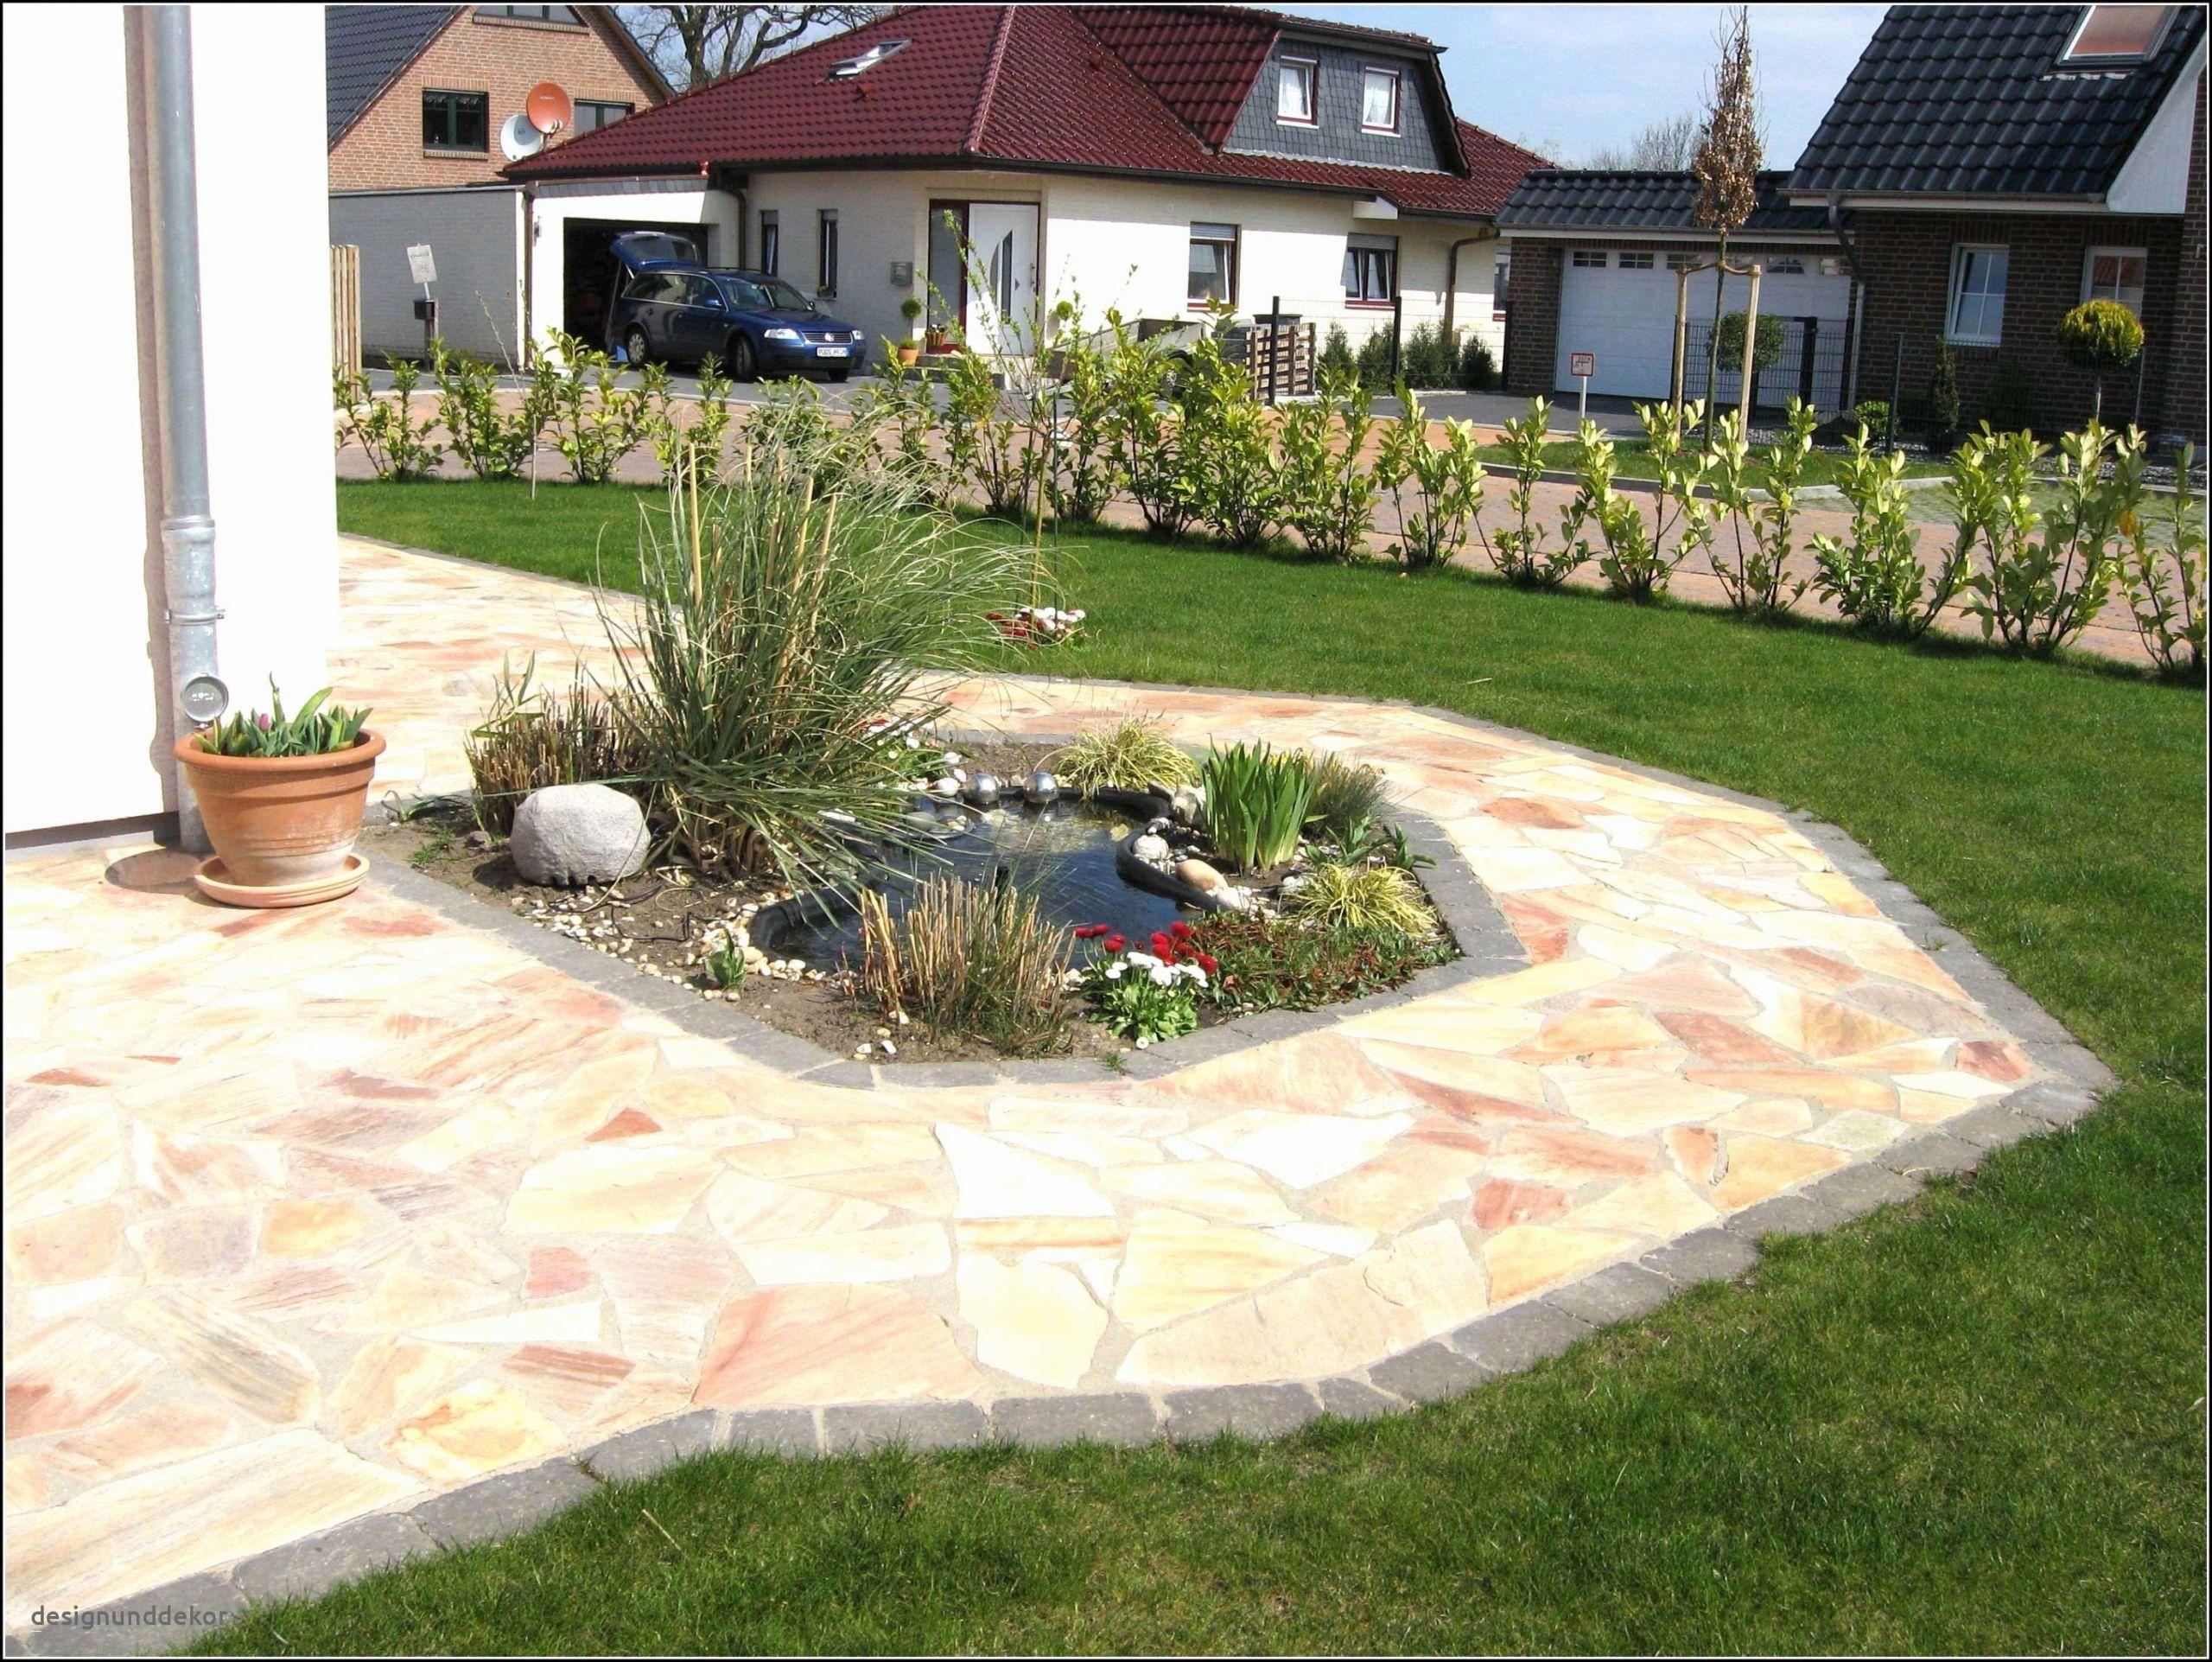 Gartengestaltung Bilder Genial Konzept 42 Für Gartengestaltung Bilder Kleiner Garten